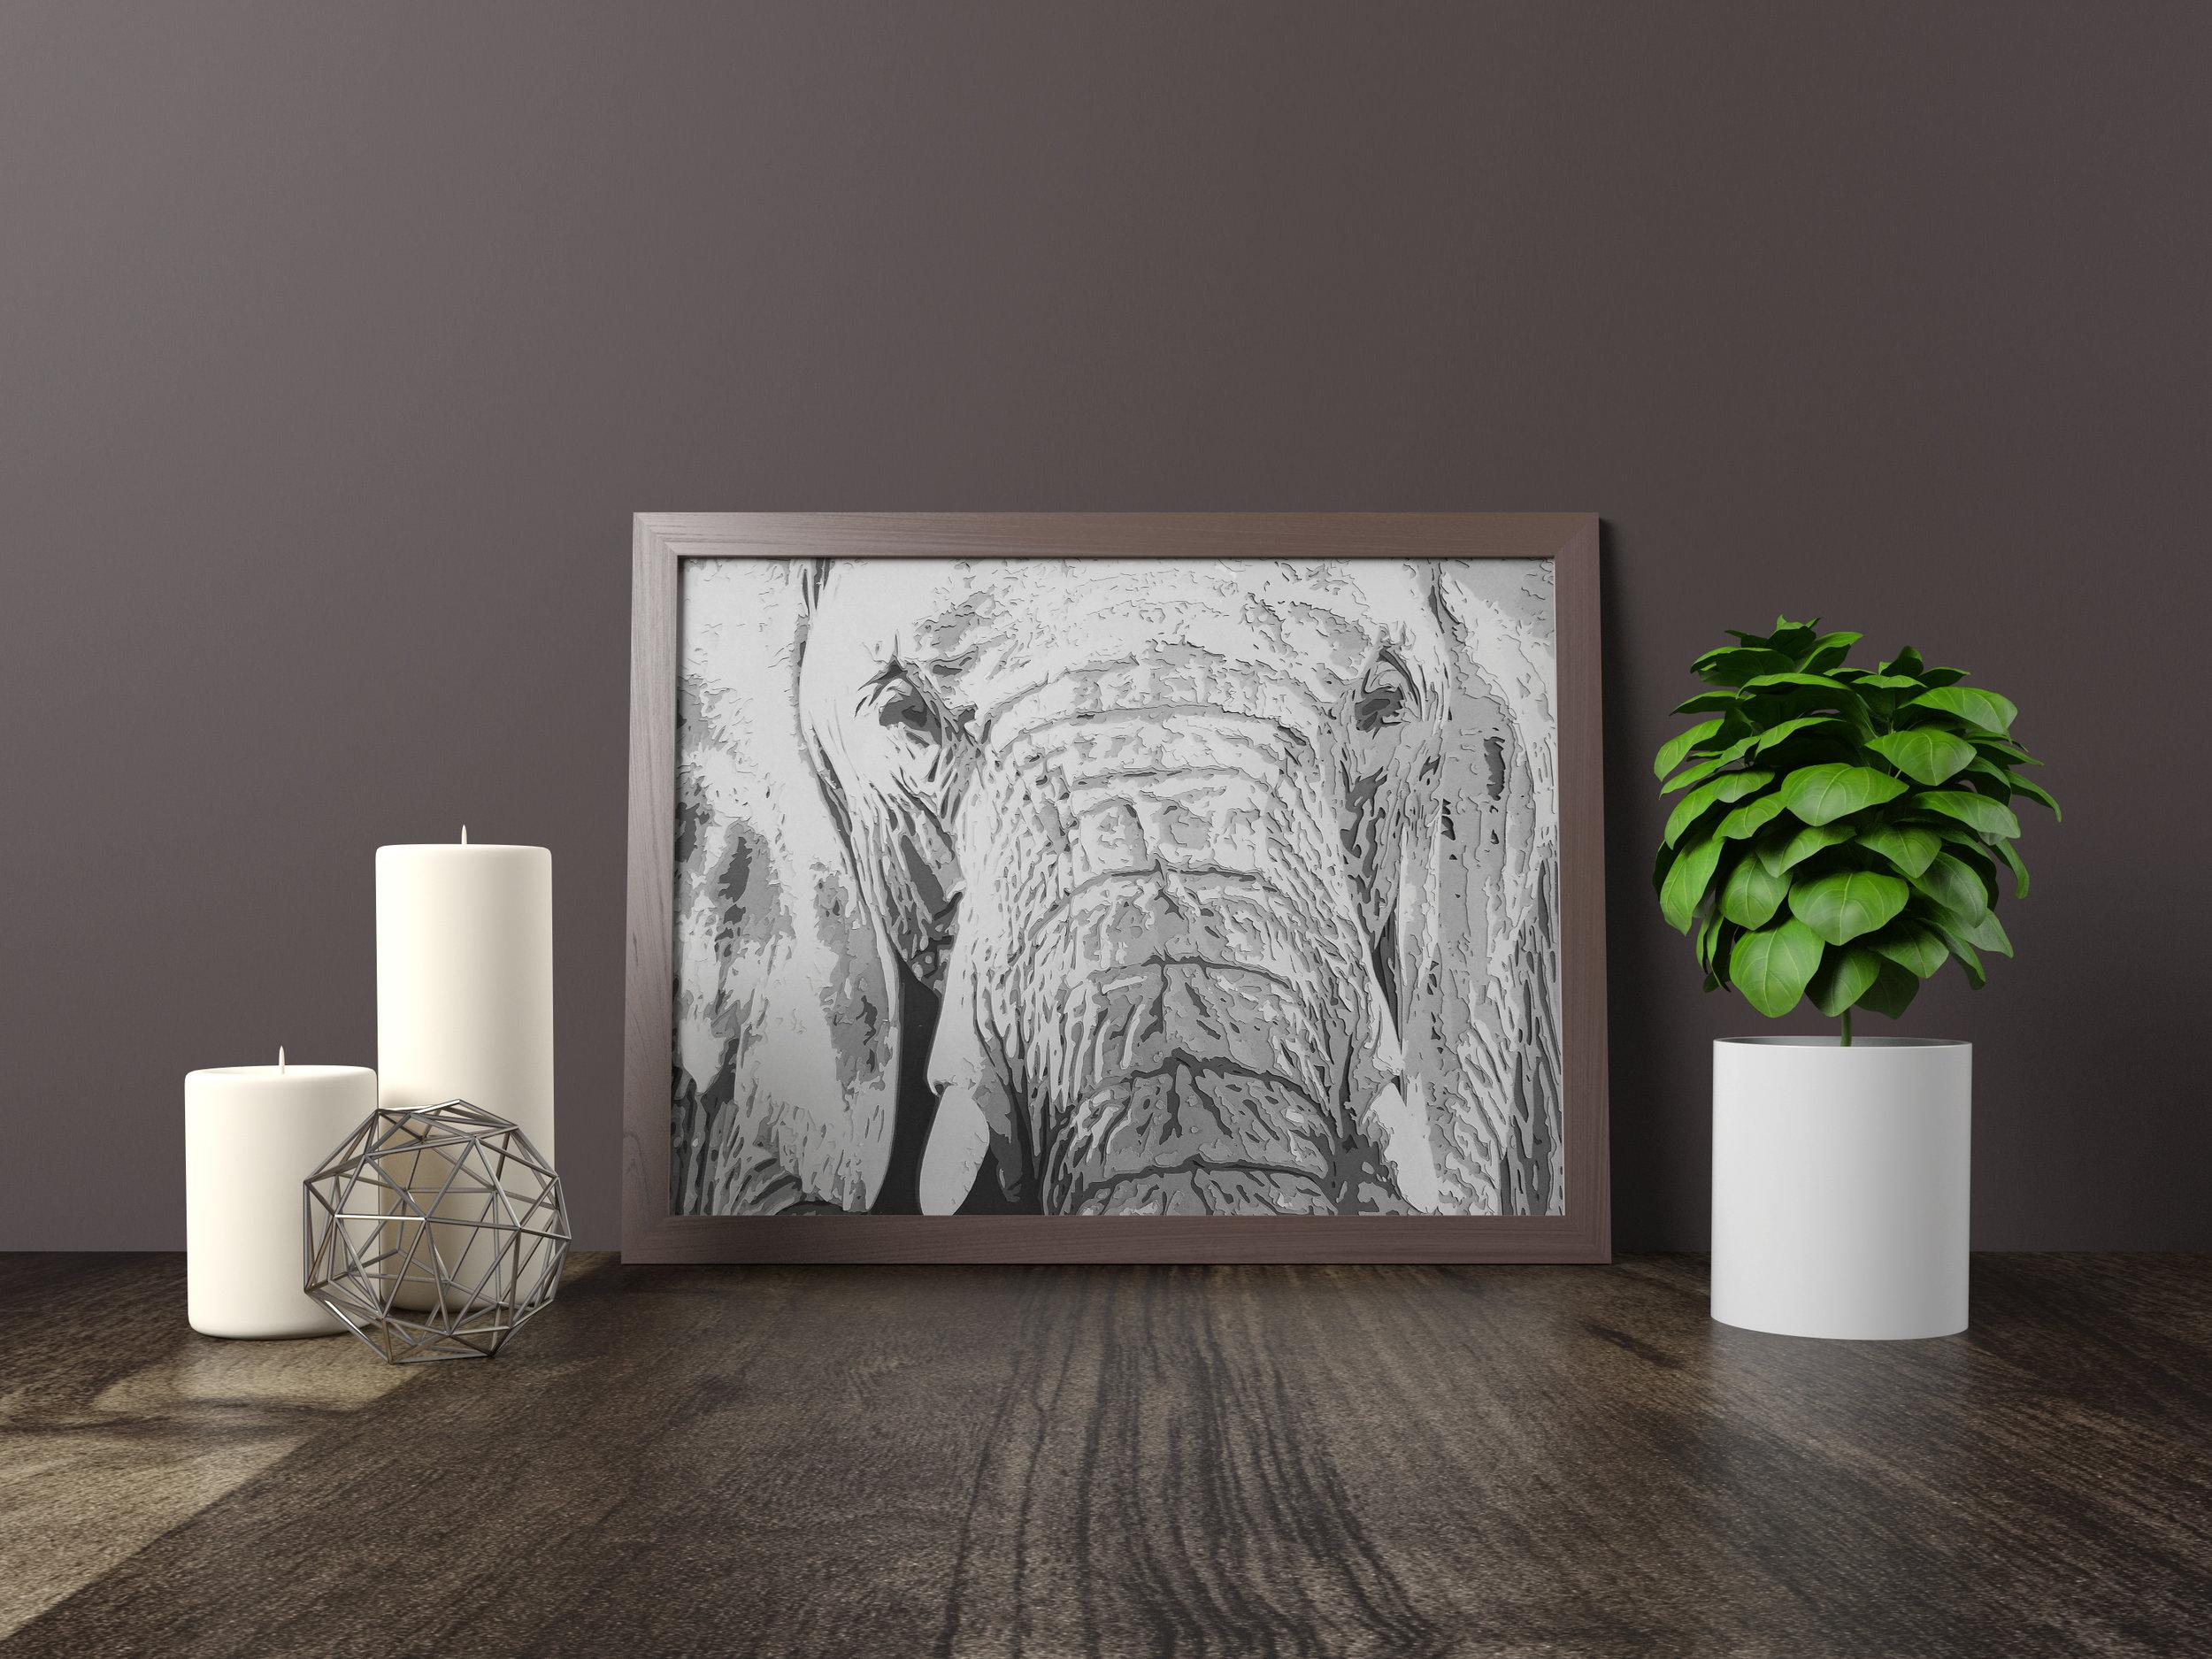 wise old elephant - Original artwork *SOLD* 11